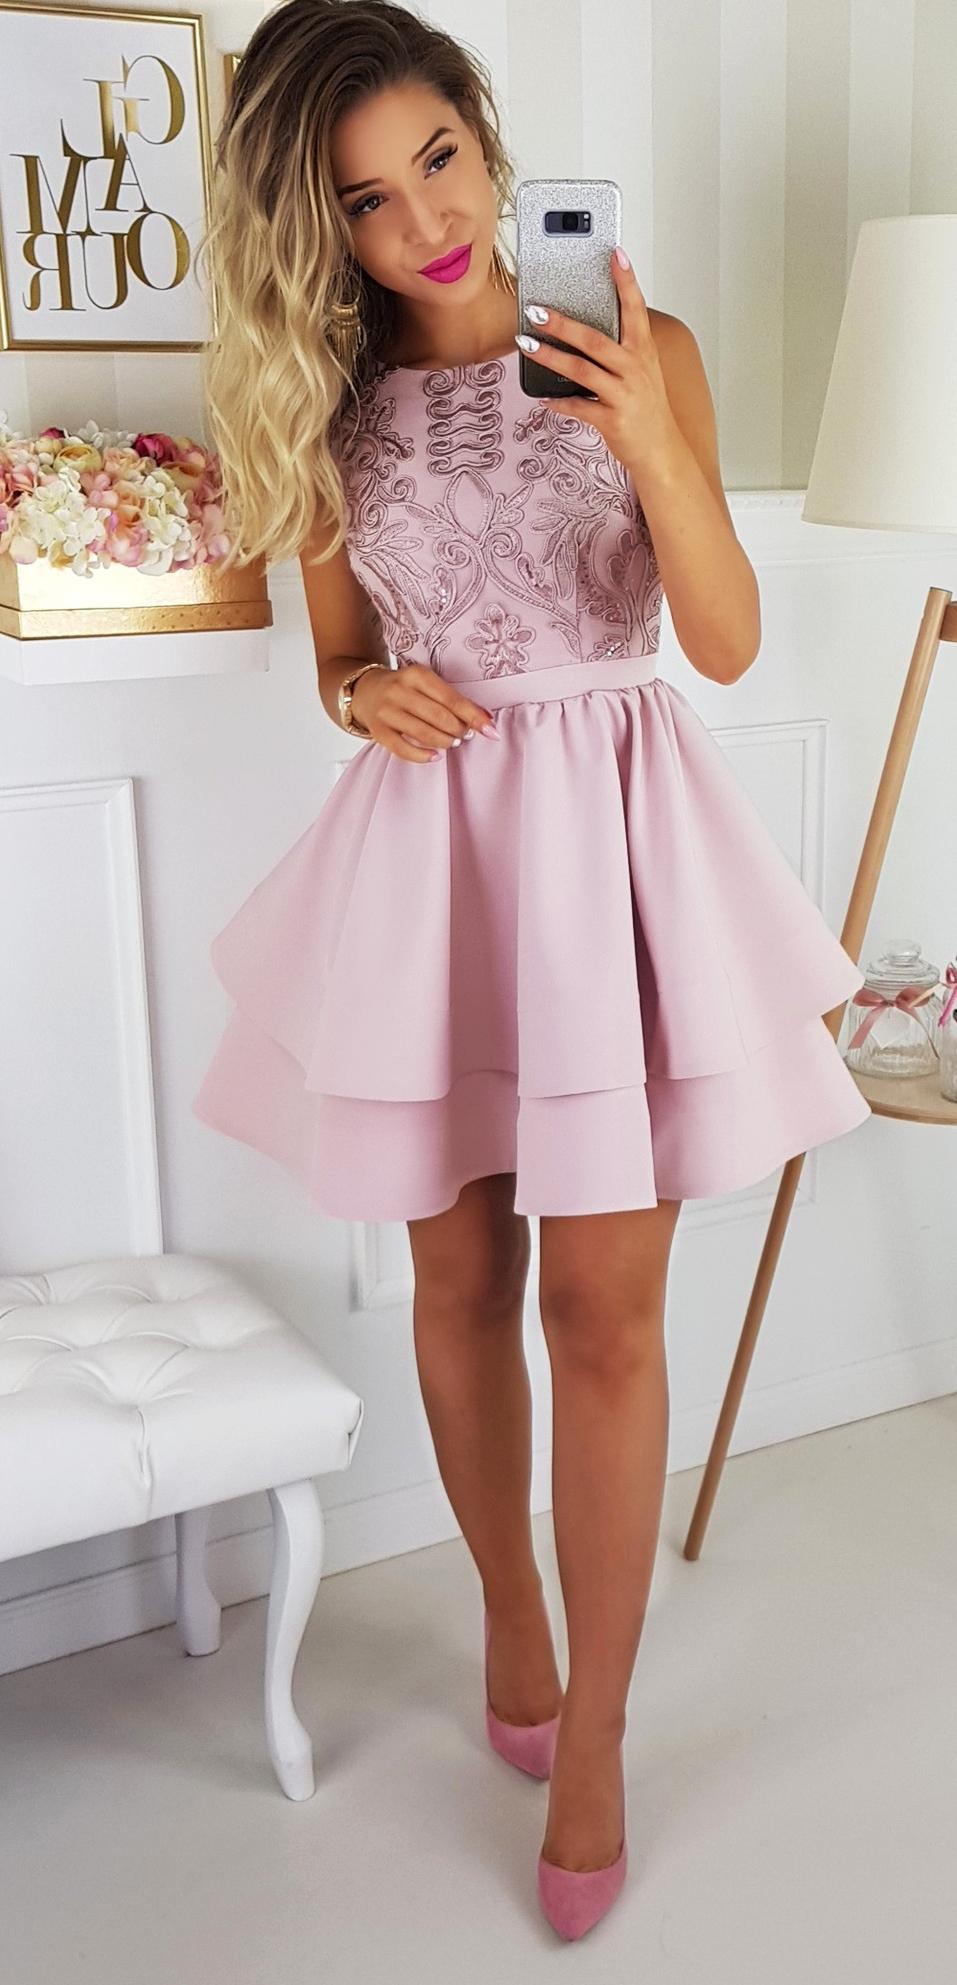 Jasmin Sukienka Brudny Roz Rozkloszowana Spodnica Polska Marka Odziezowa Dresses For Teens Dresses Fashion